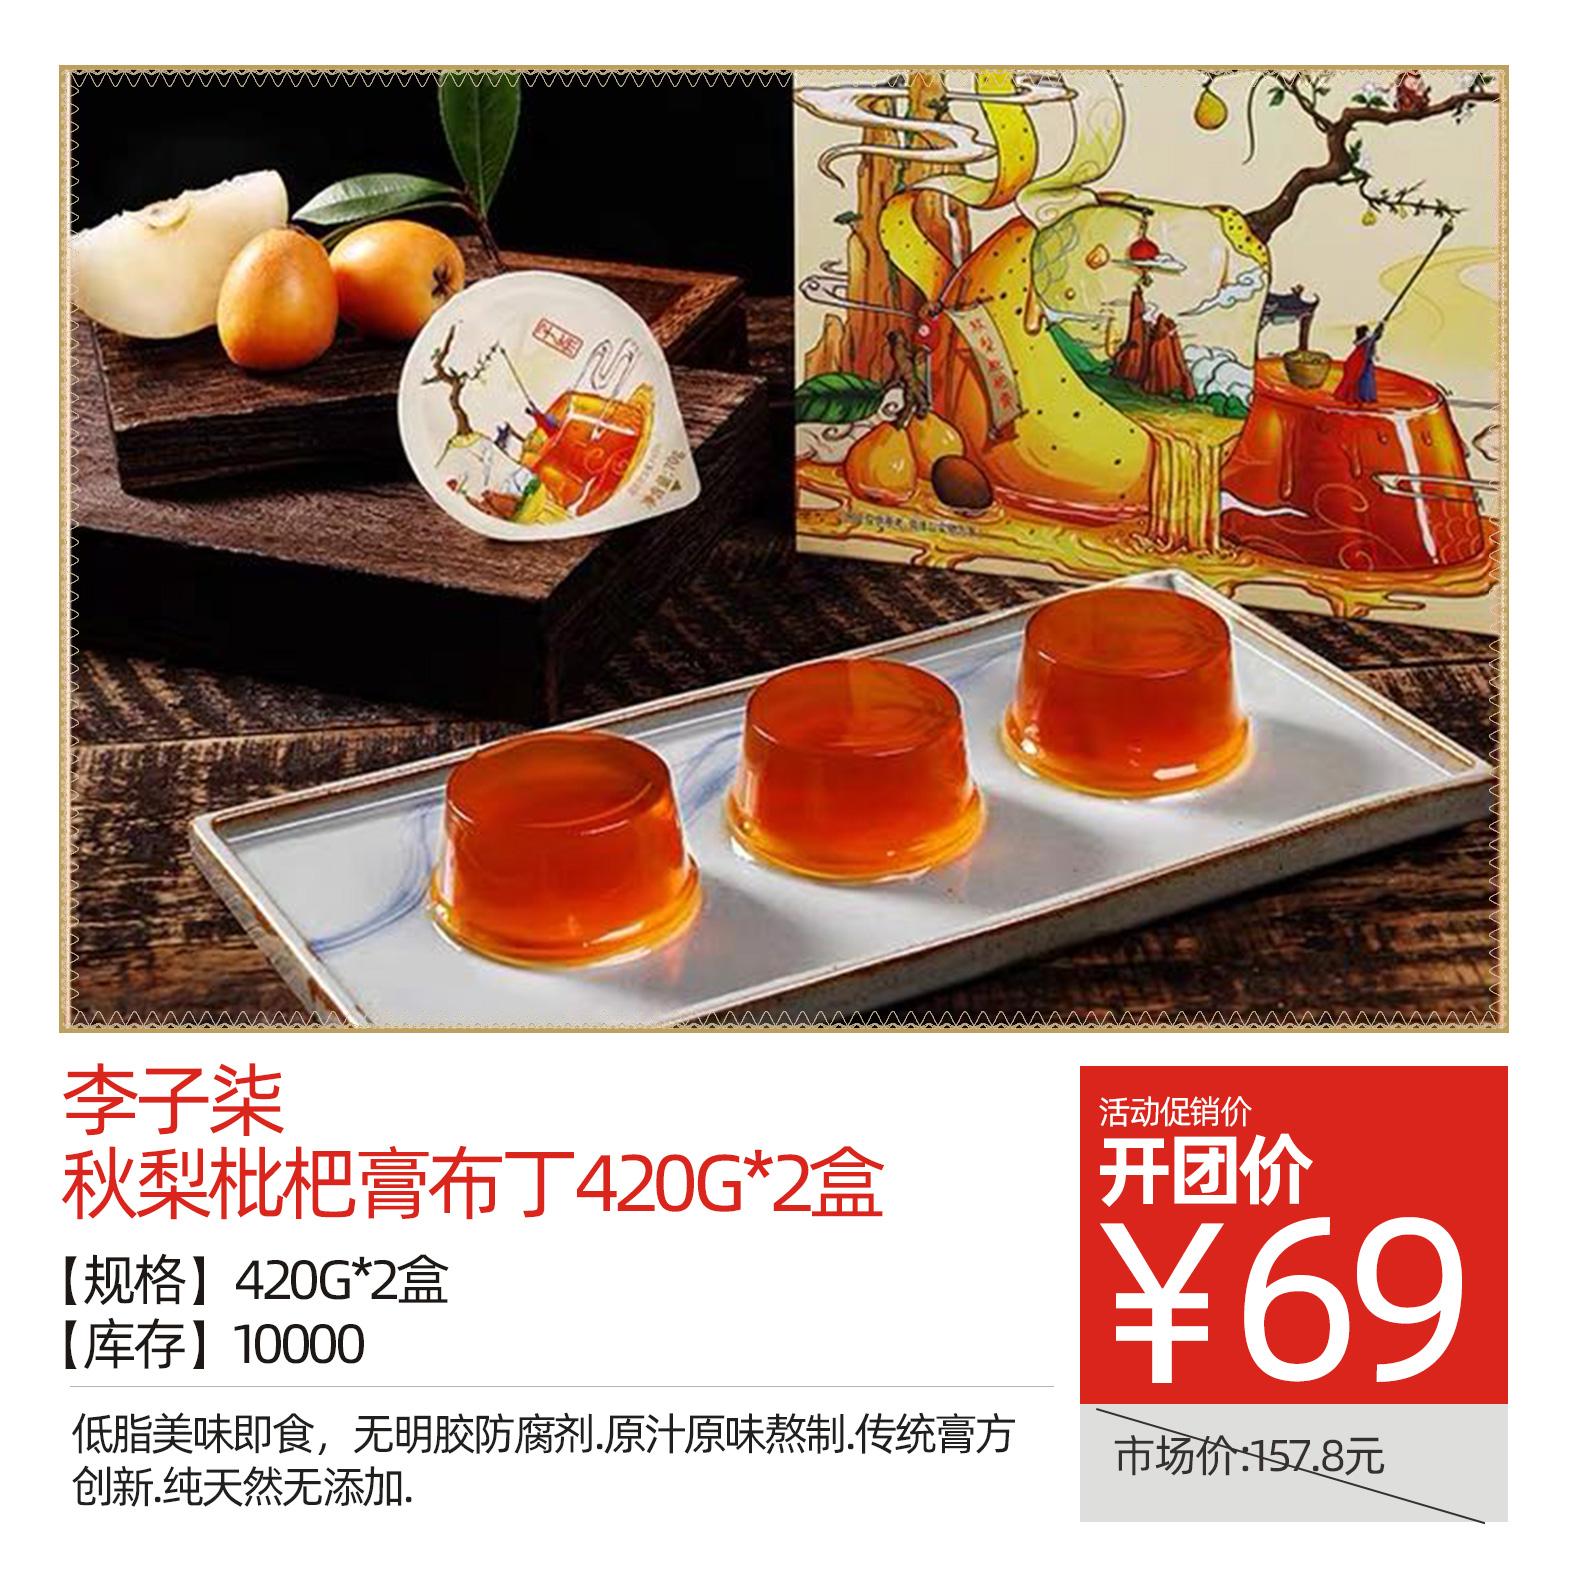 李子柒秋梨枇杷膏布丁420g*2盒